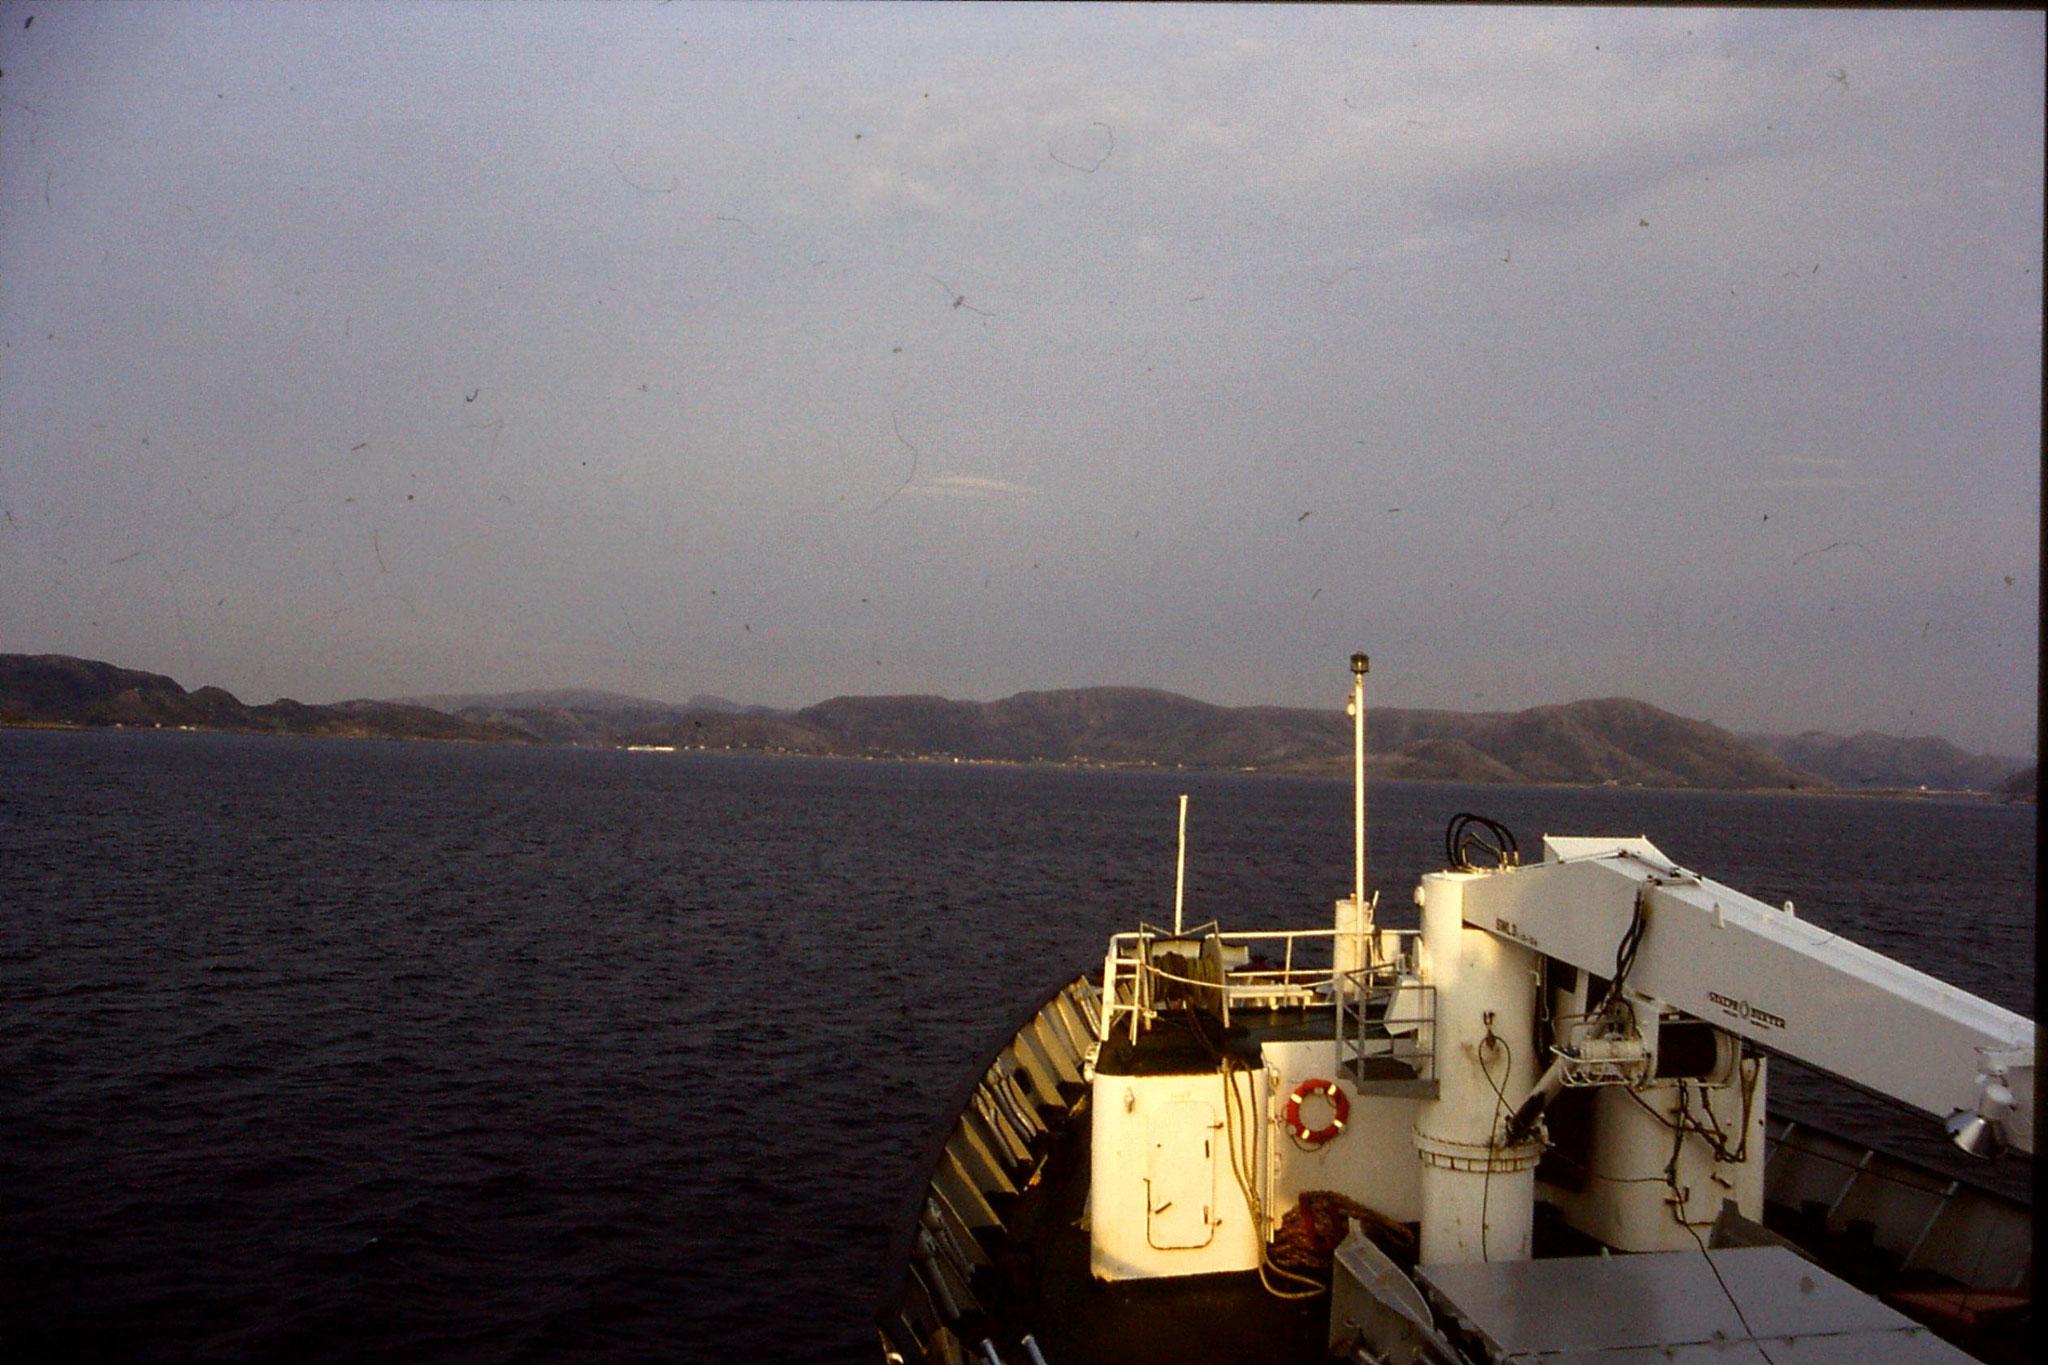 23/9/1988: 20: prow of Kong Olav near Stoksund